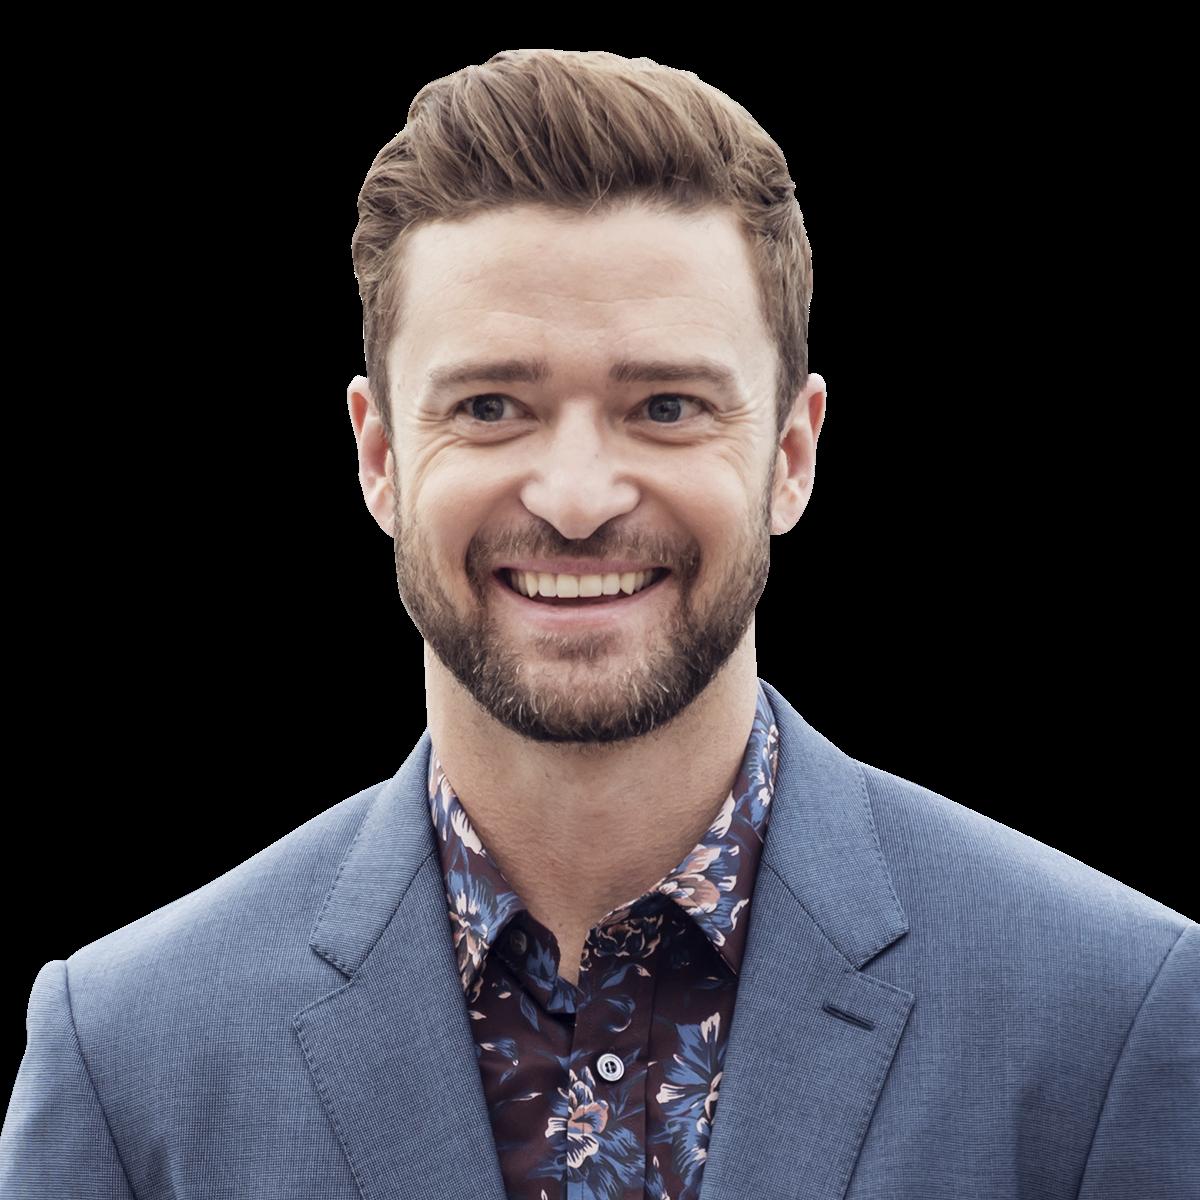 Mundo dos Famosos: Biografia de Justin Timberlake